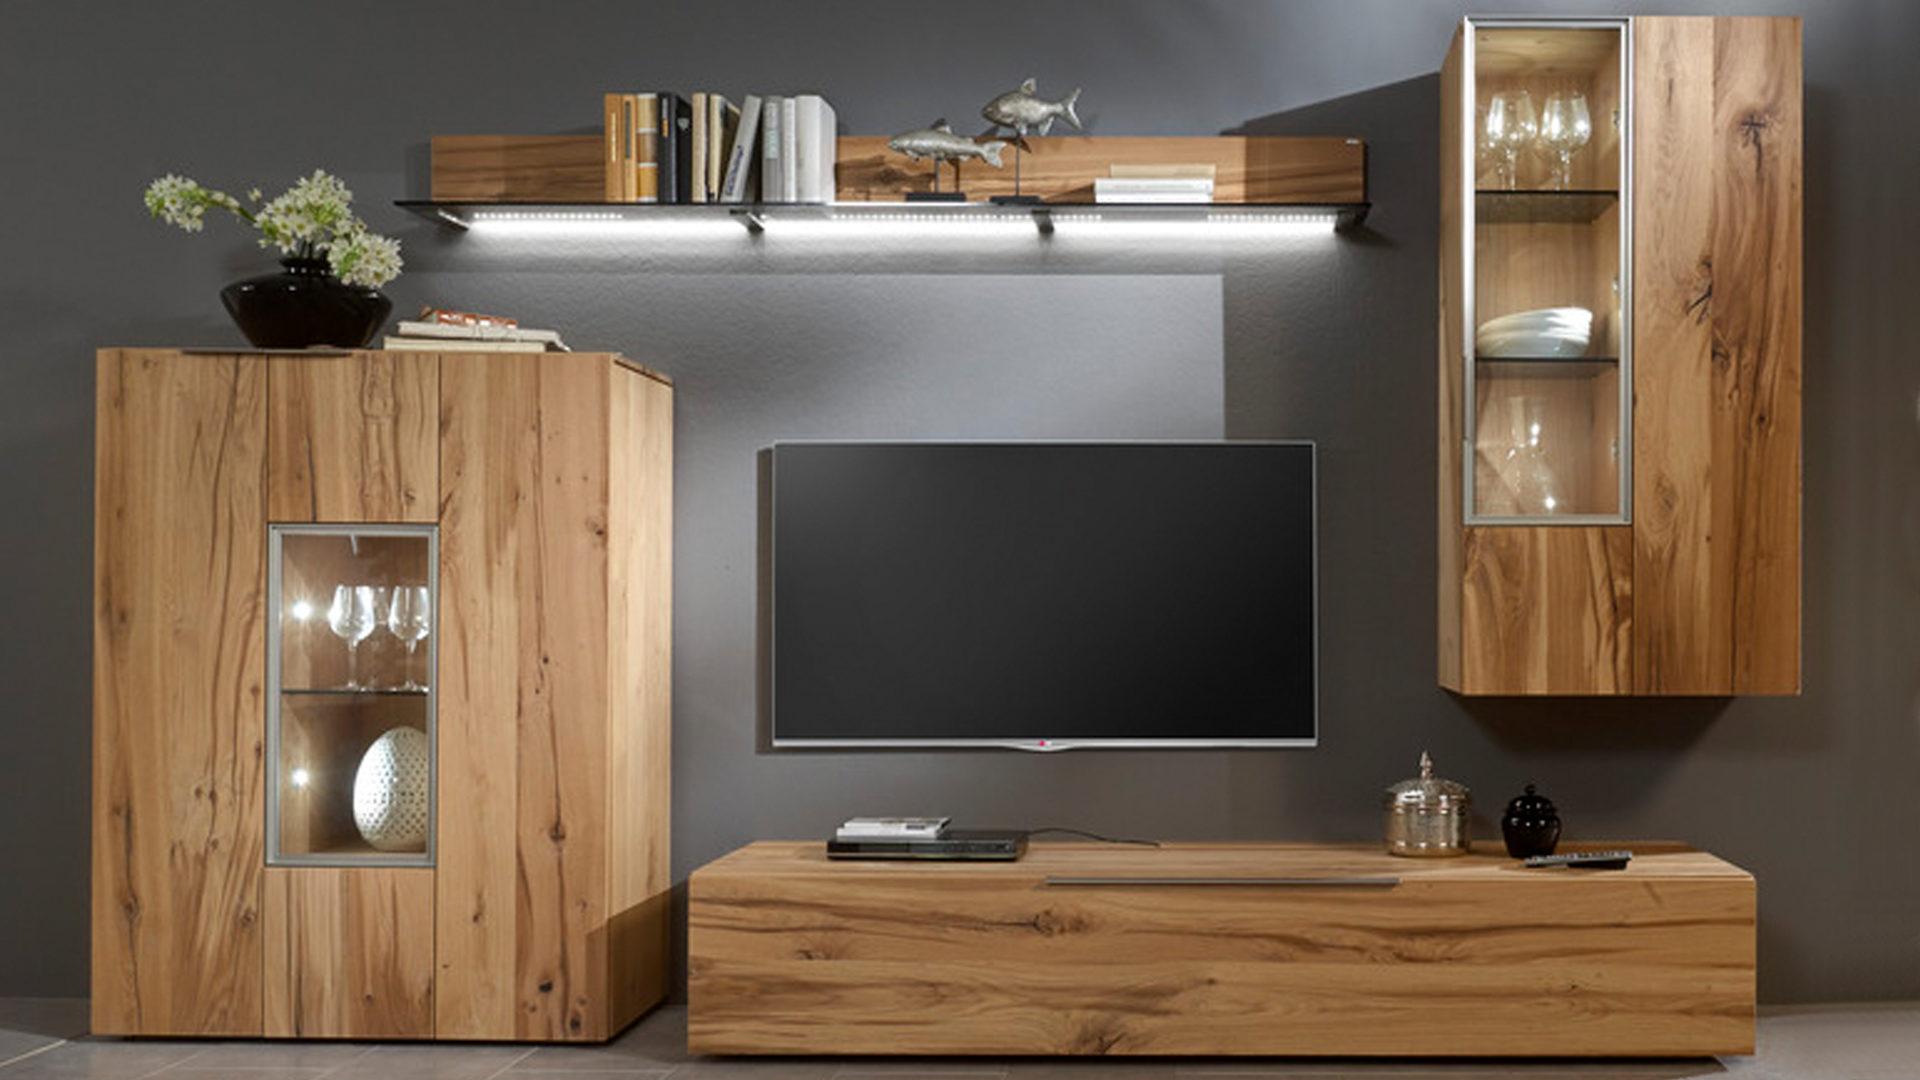 simple wohnwand voglauer aus holz in holzfarben voglauer valpin geltes with tv wohnwand holz moderne